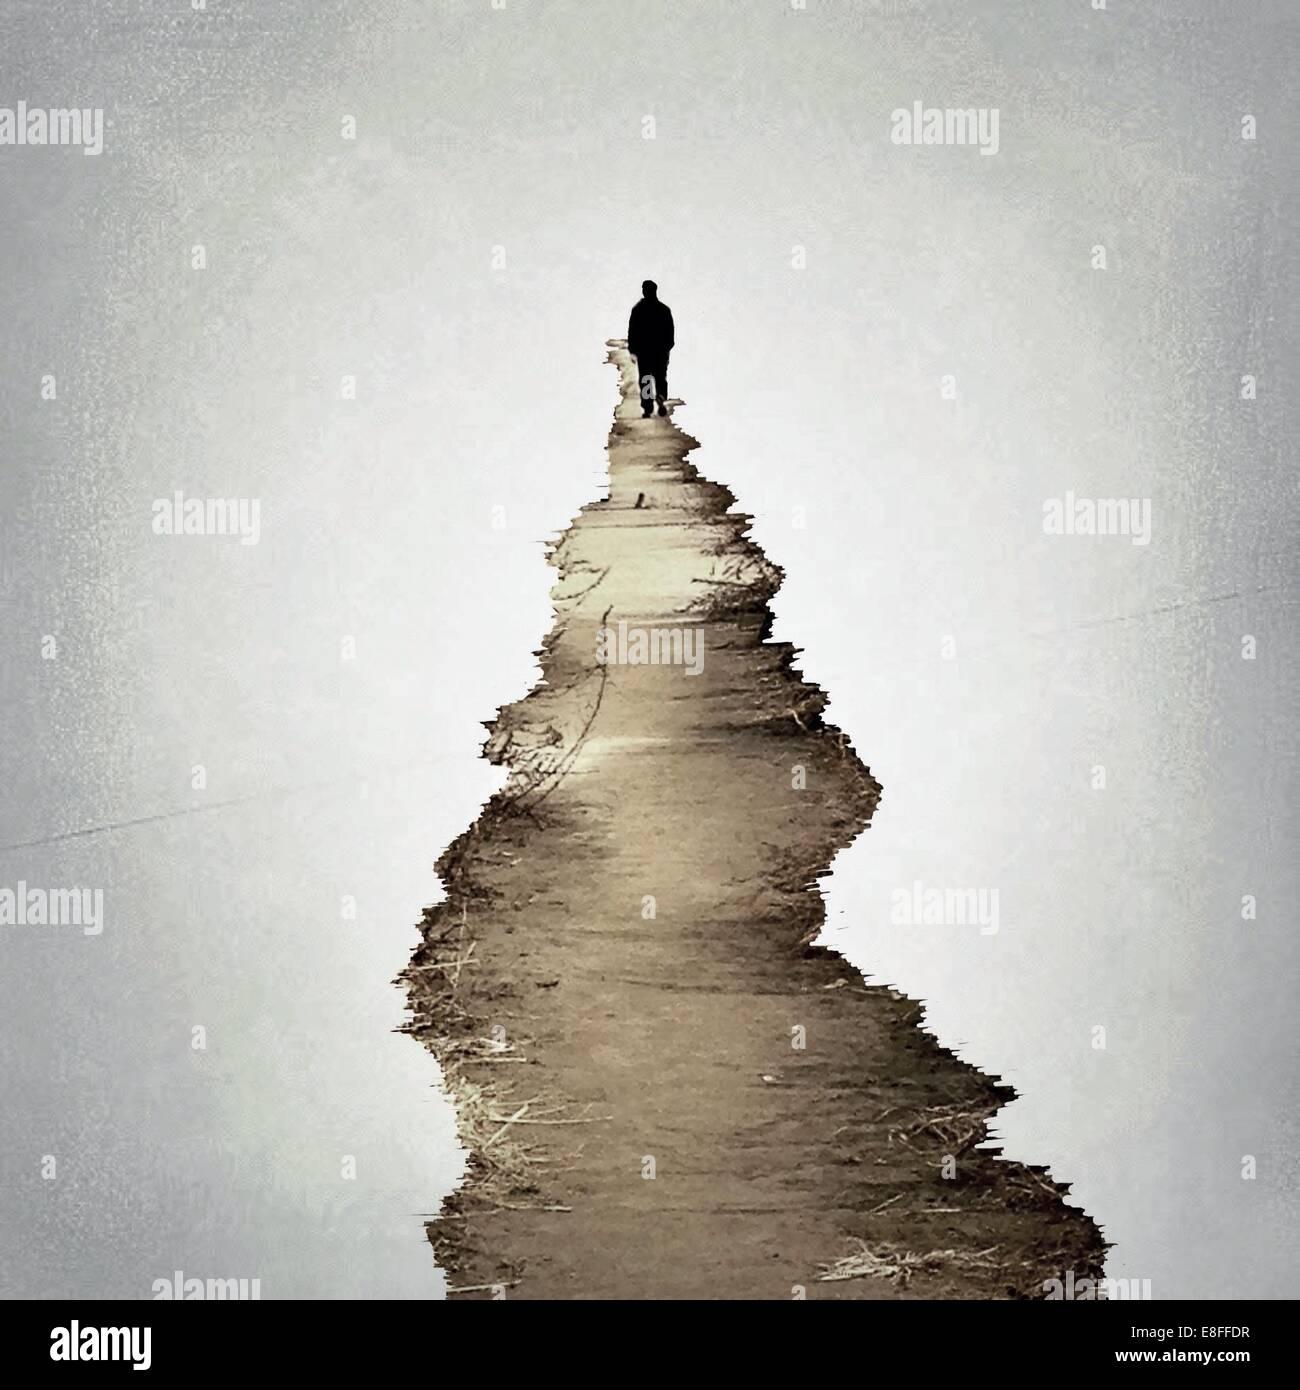 Hombre caminando por un sendero Imagen De Stock